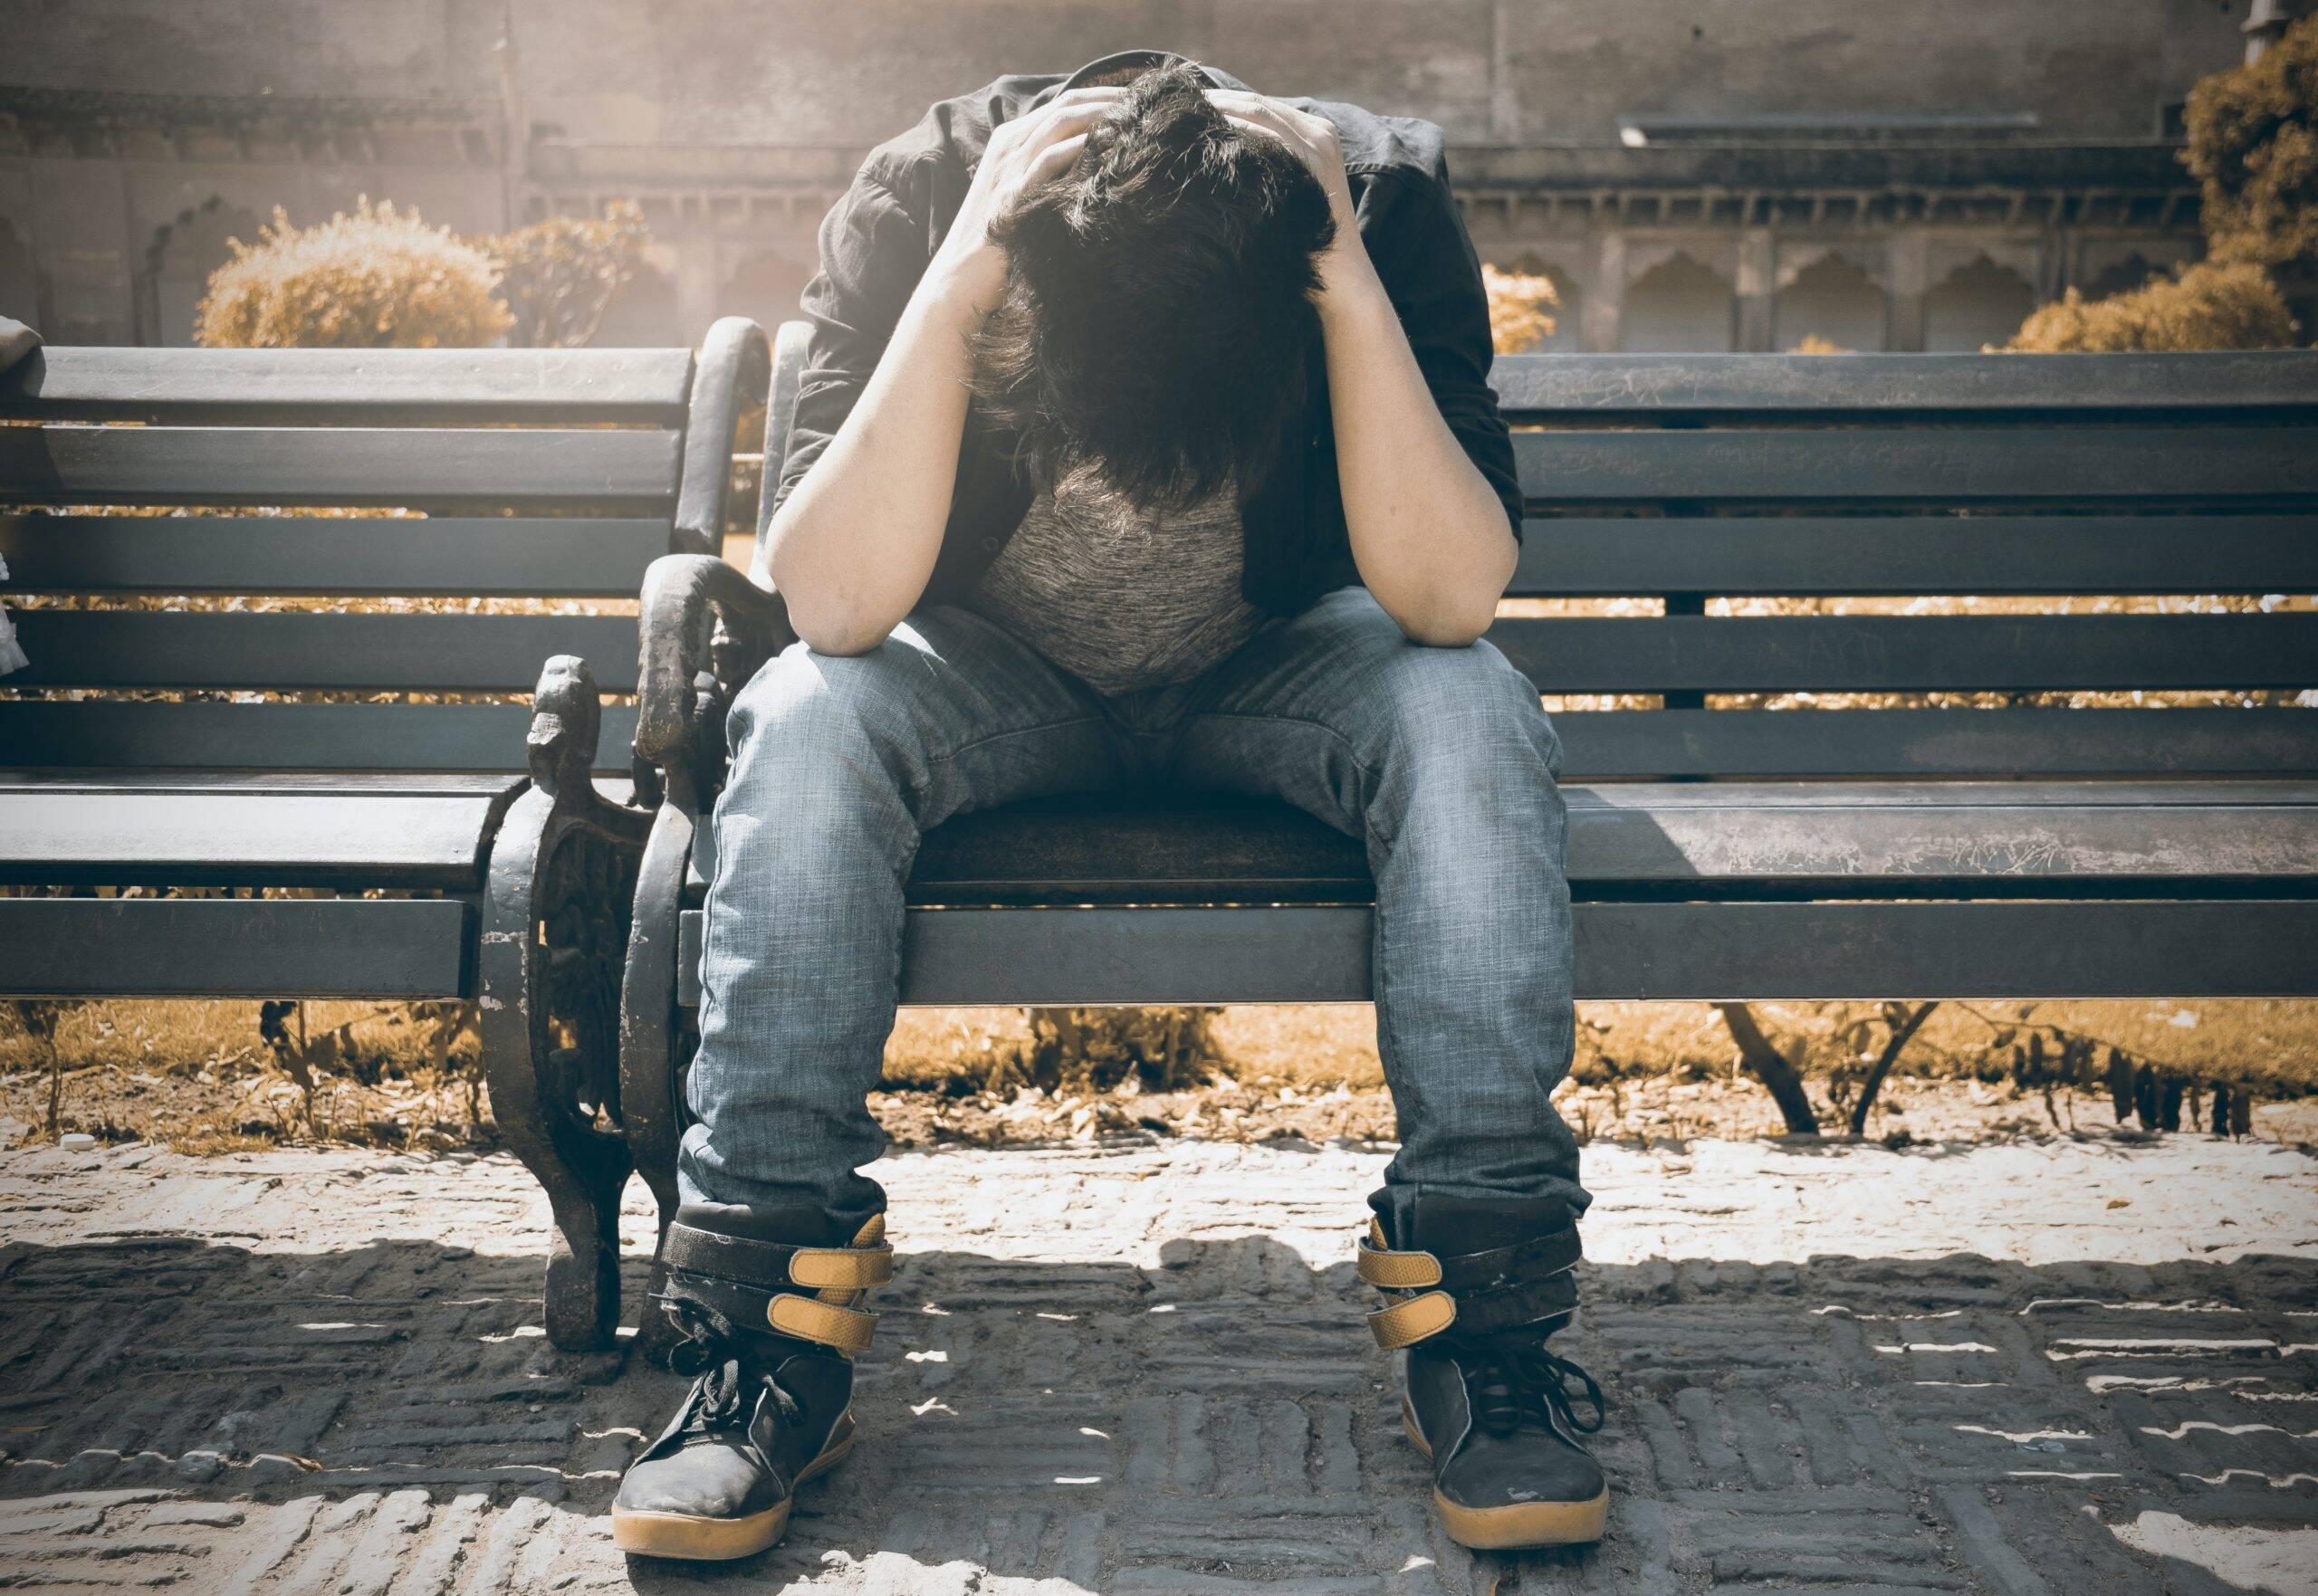 O estresse costuma ser algo normal em algumas situações cotidianas, mas quando ele se eleva acaba prejudicando outras partes da saúde. (Foto: Pexels)